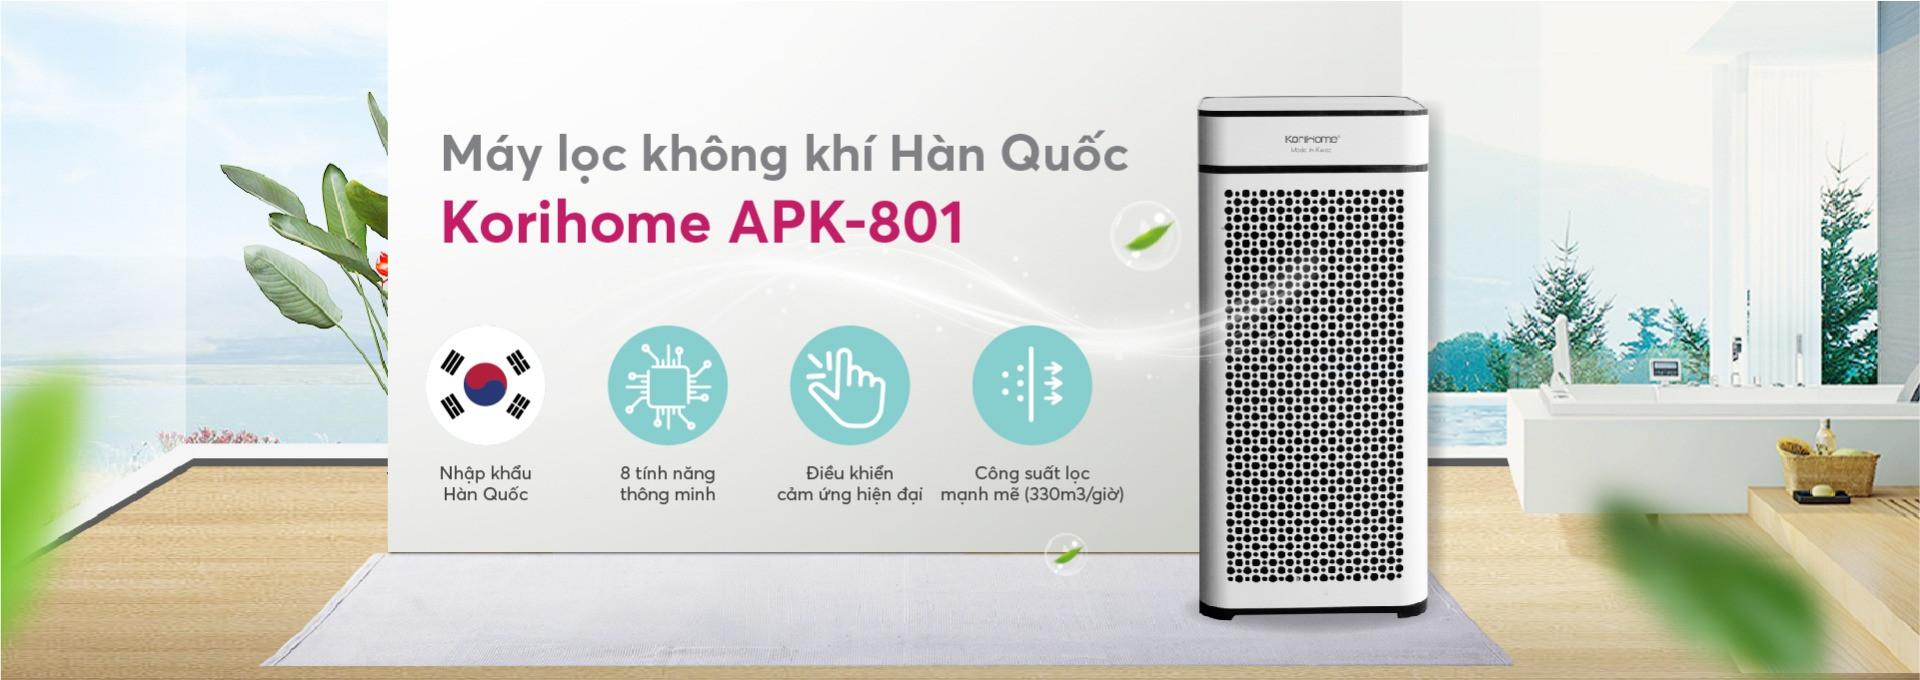 Sử dụng máy lọc không khí trong gia đình để hạn chế ảnh hưởng của ô nhiễm không khí